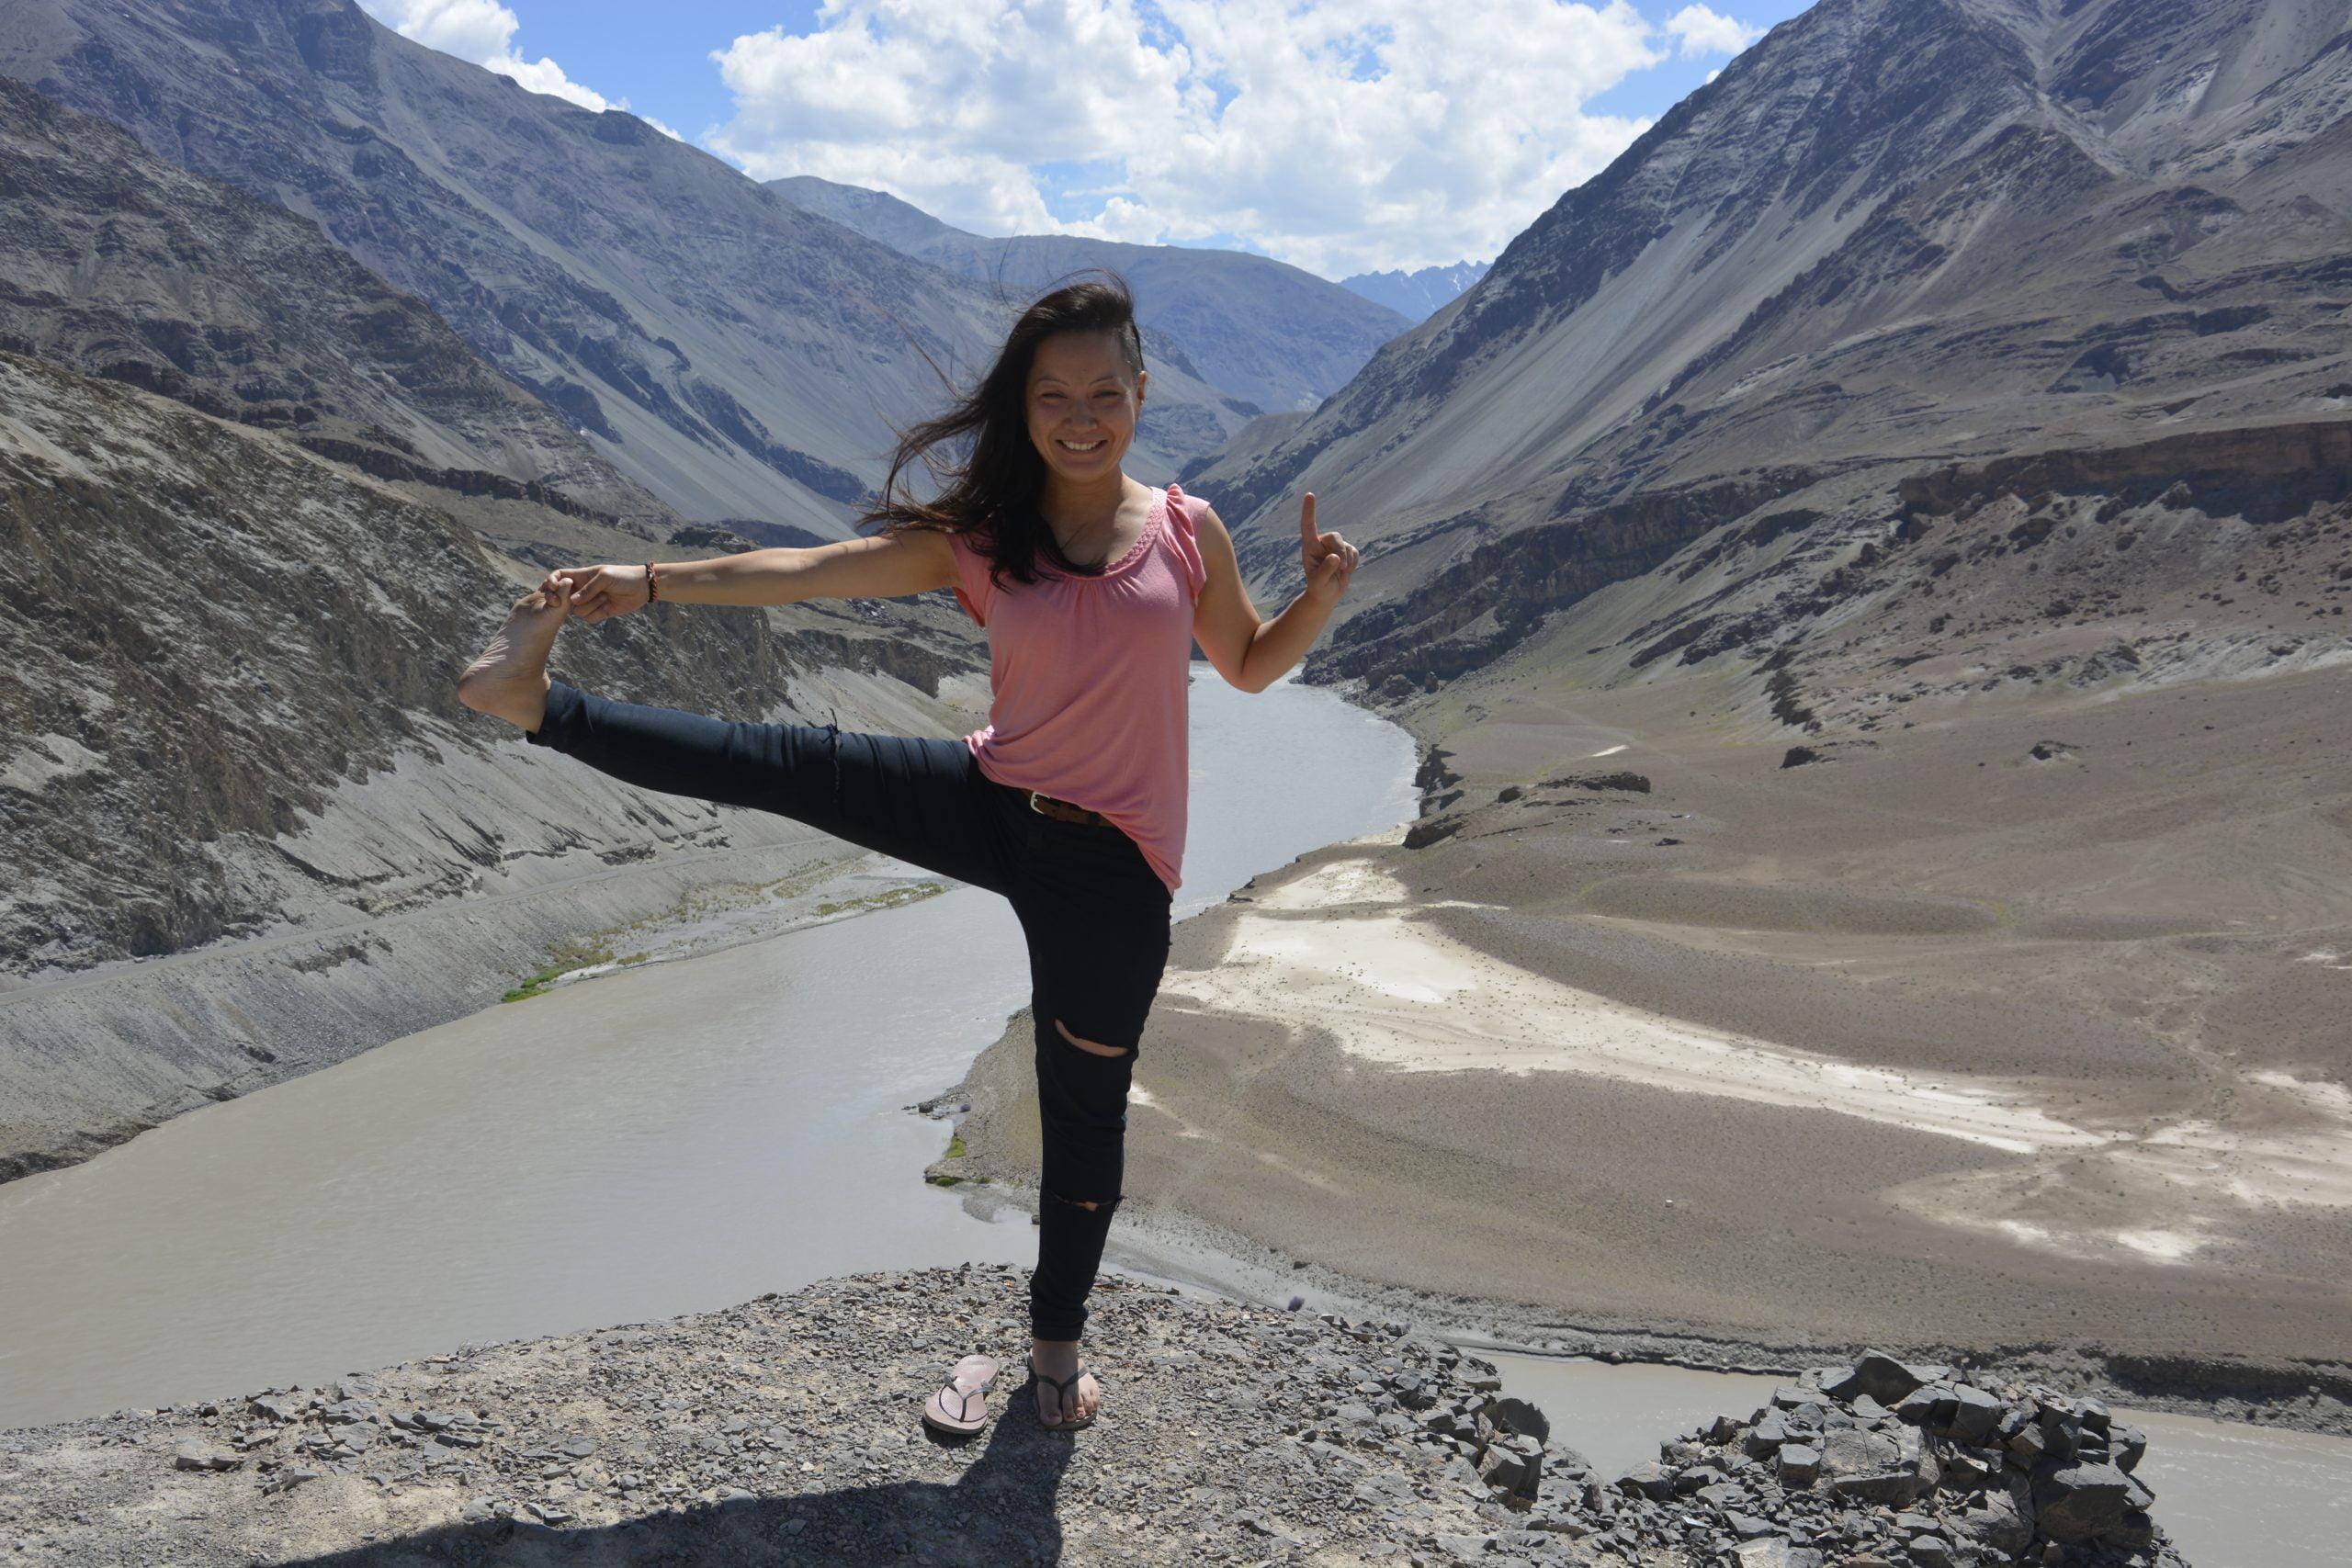 evia yoga solingen yoga-pose baum vrikshasana vor himalaya kulisse indus zanskar sangam zusammenfluss